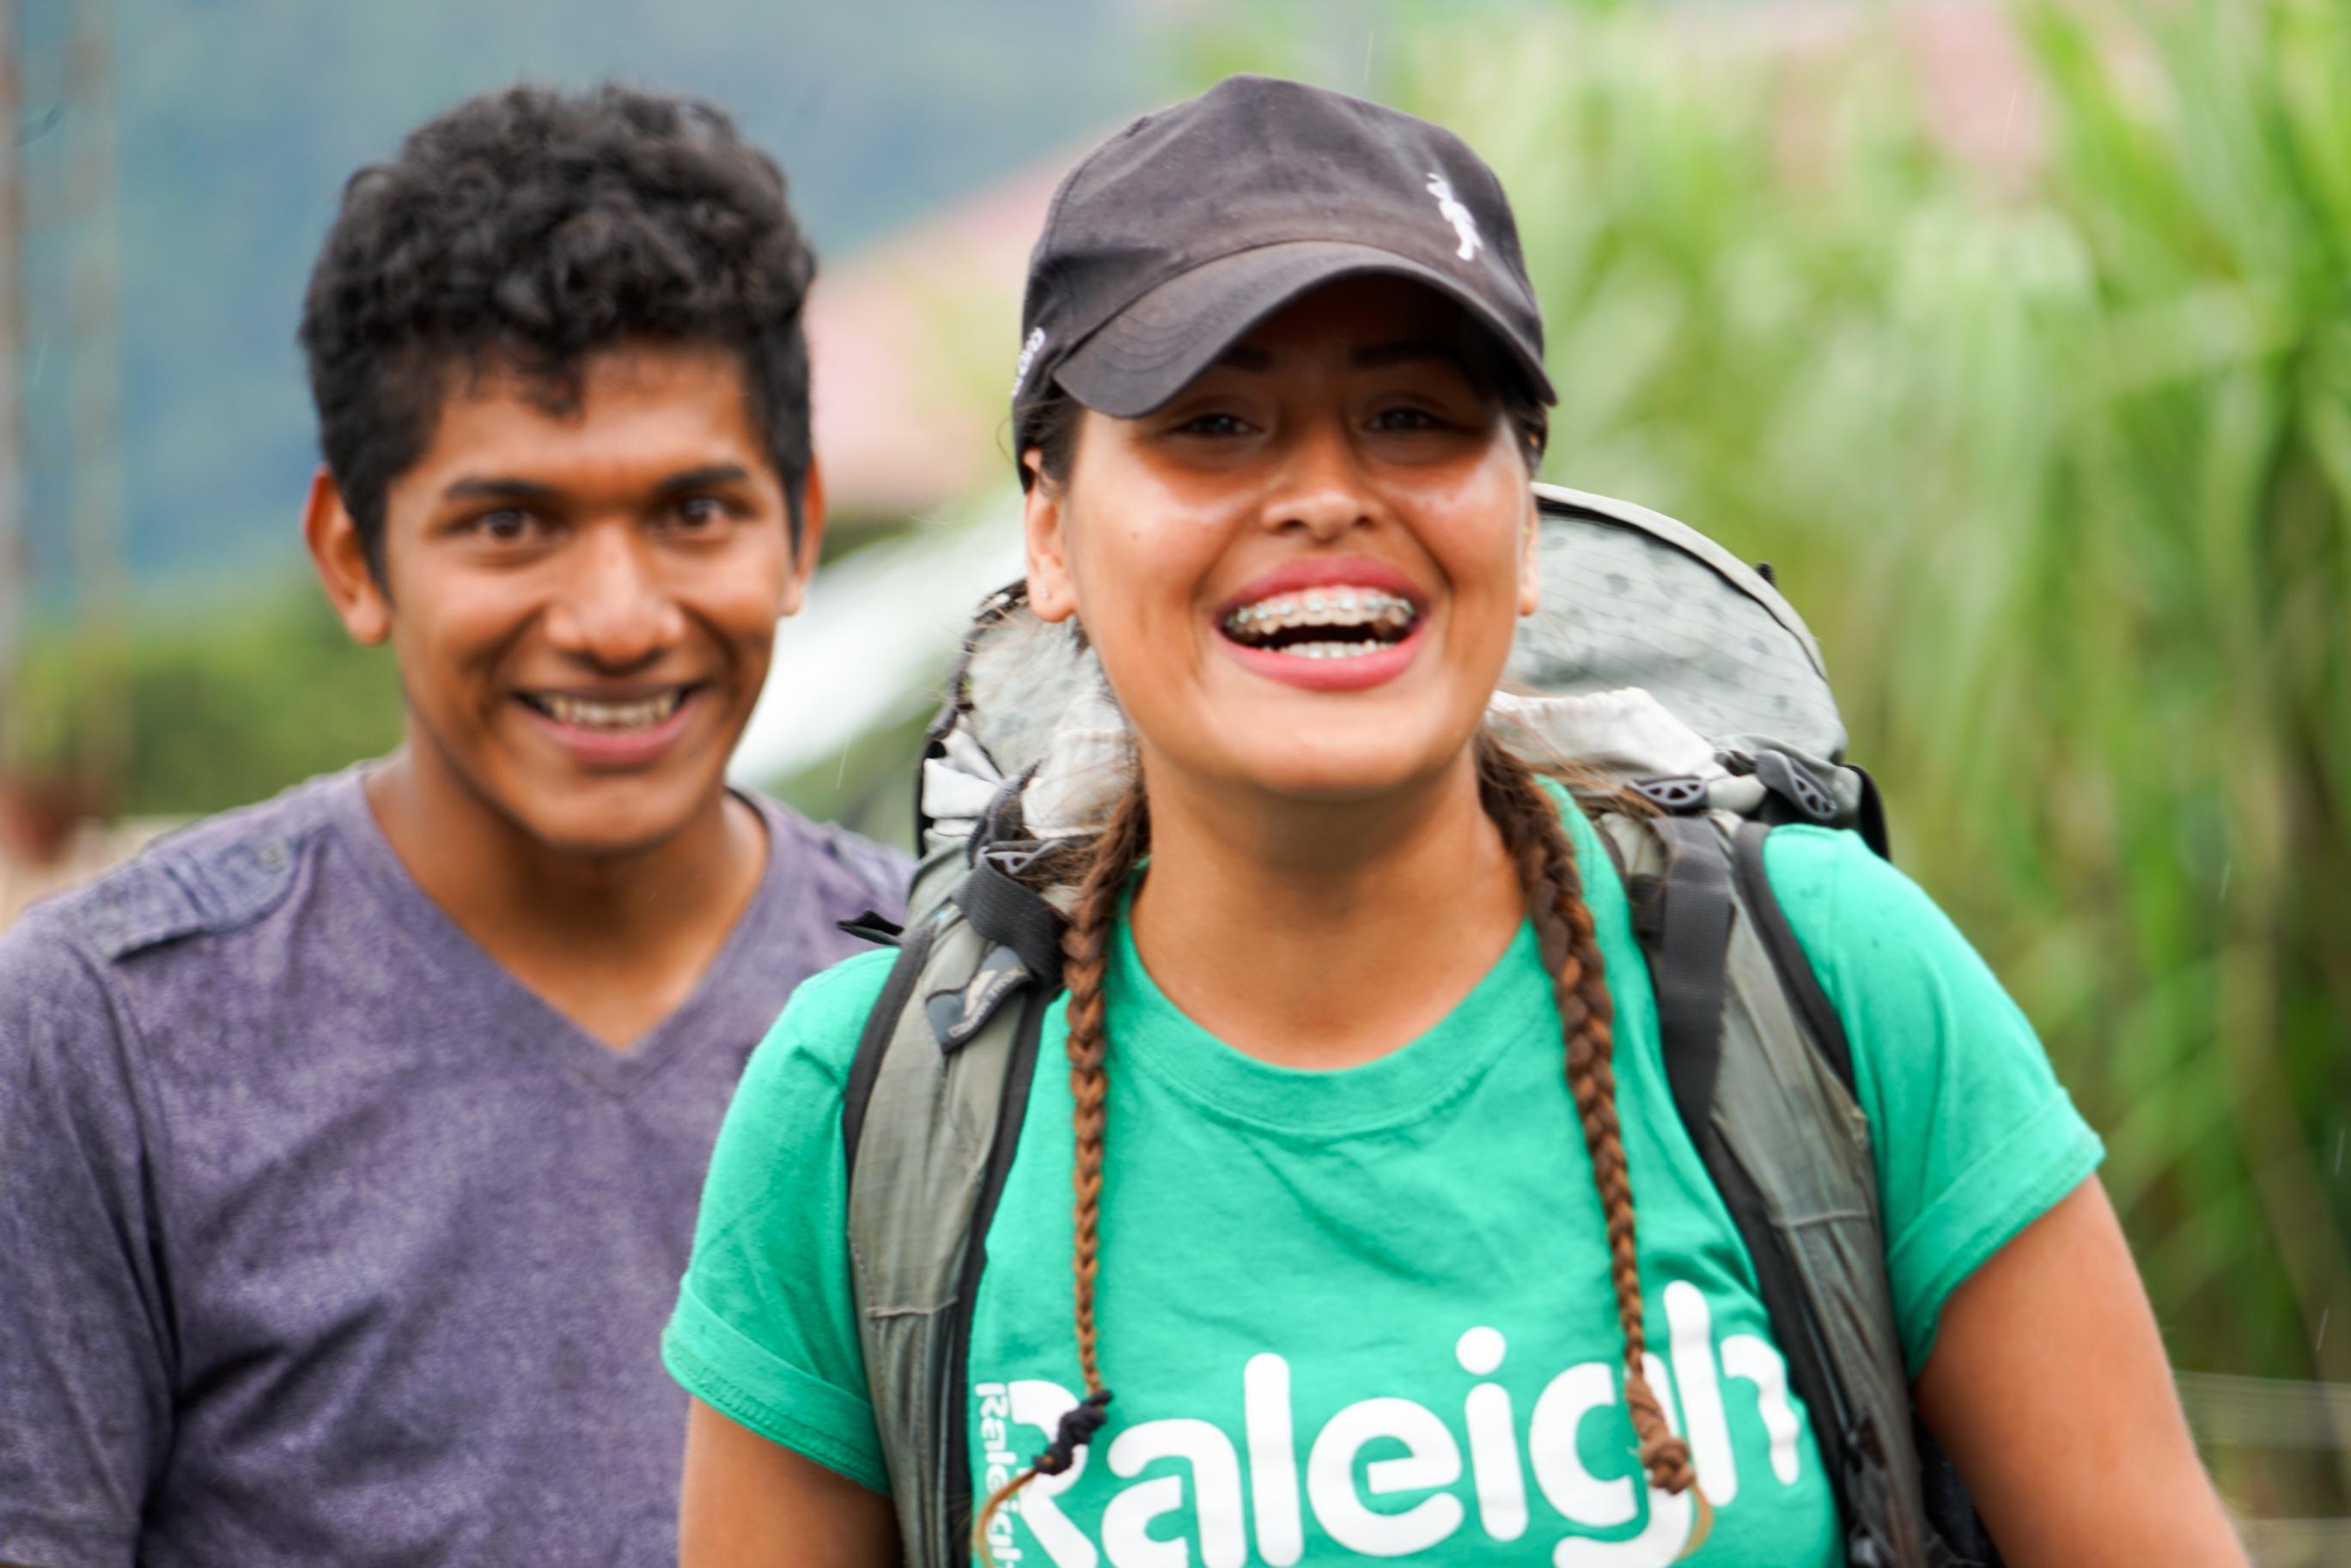 Gap Year Program - Volunteer abroad in 2020: 5 week Raleigh Expeditions in Nepal and Costa Rica (Nov-Dec 2020)  1